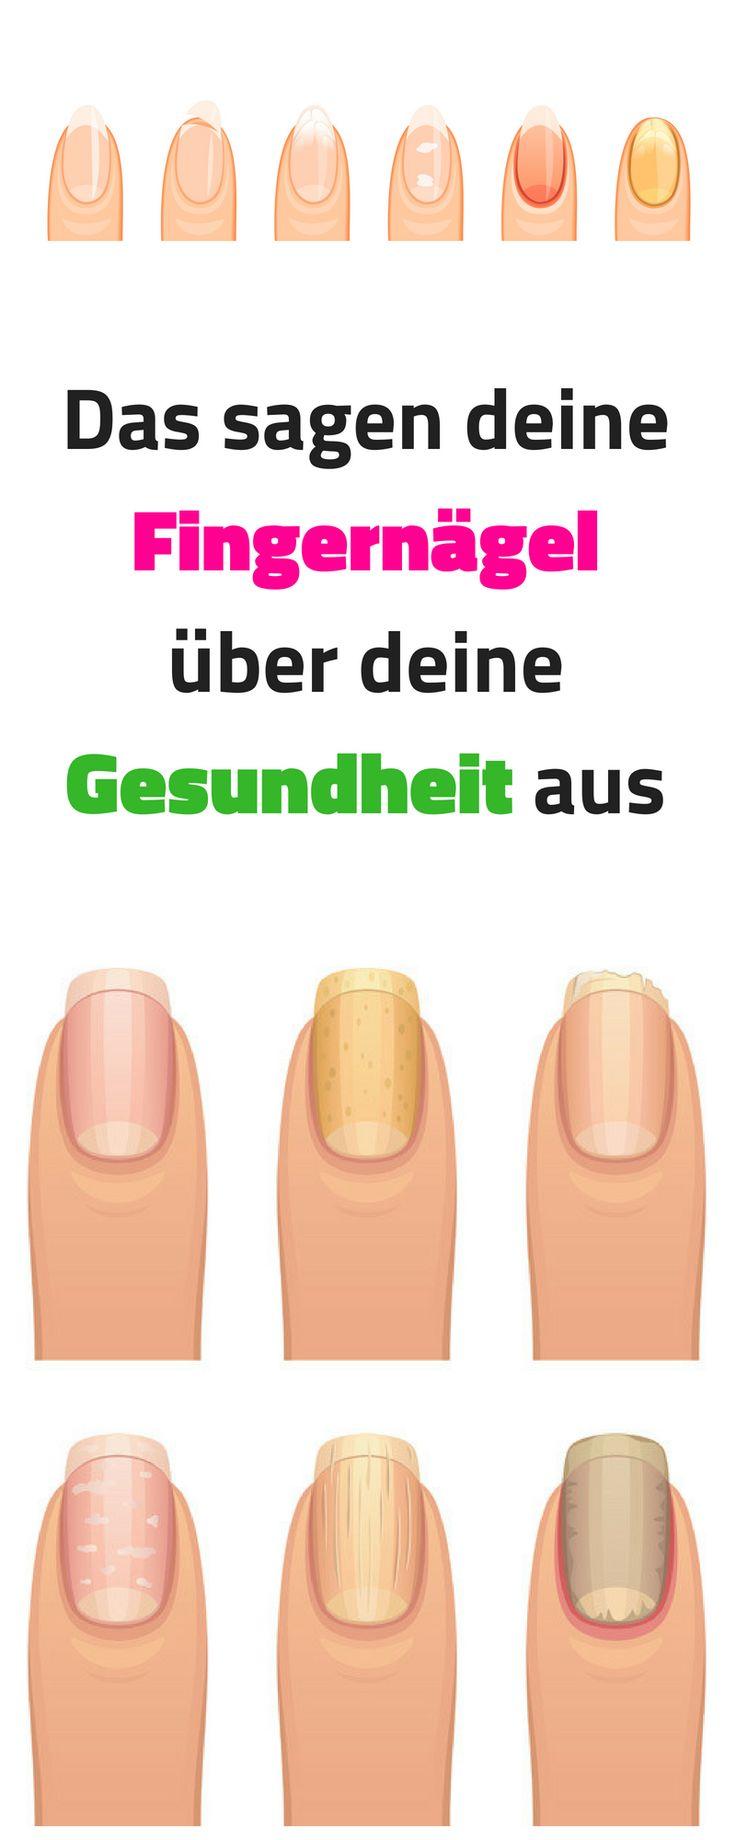 Das sagen deine Fingernägel über deine Gesundheit aus ♥ Der große Baby und Kleinkind Ratgeber ♥